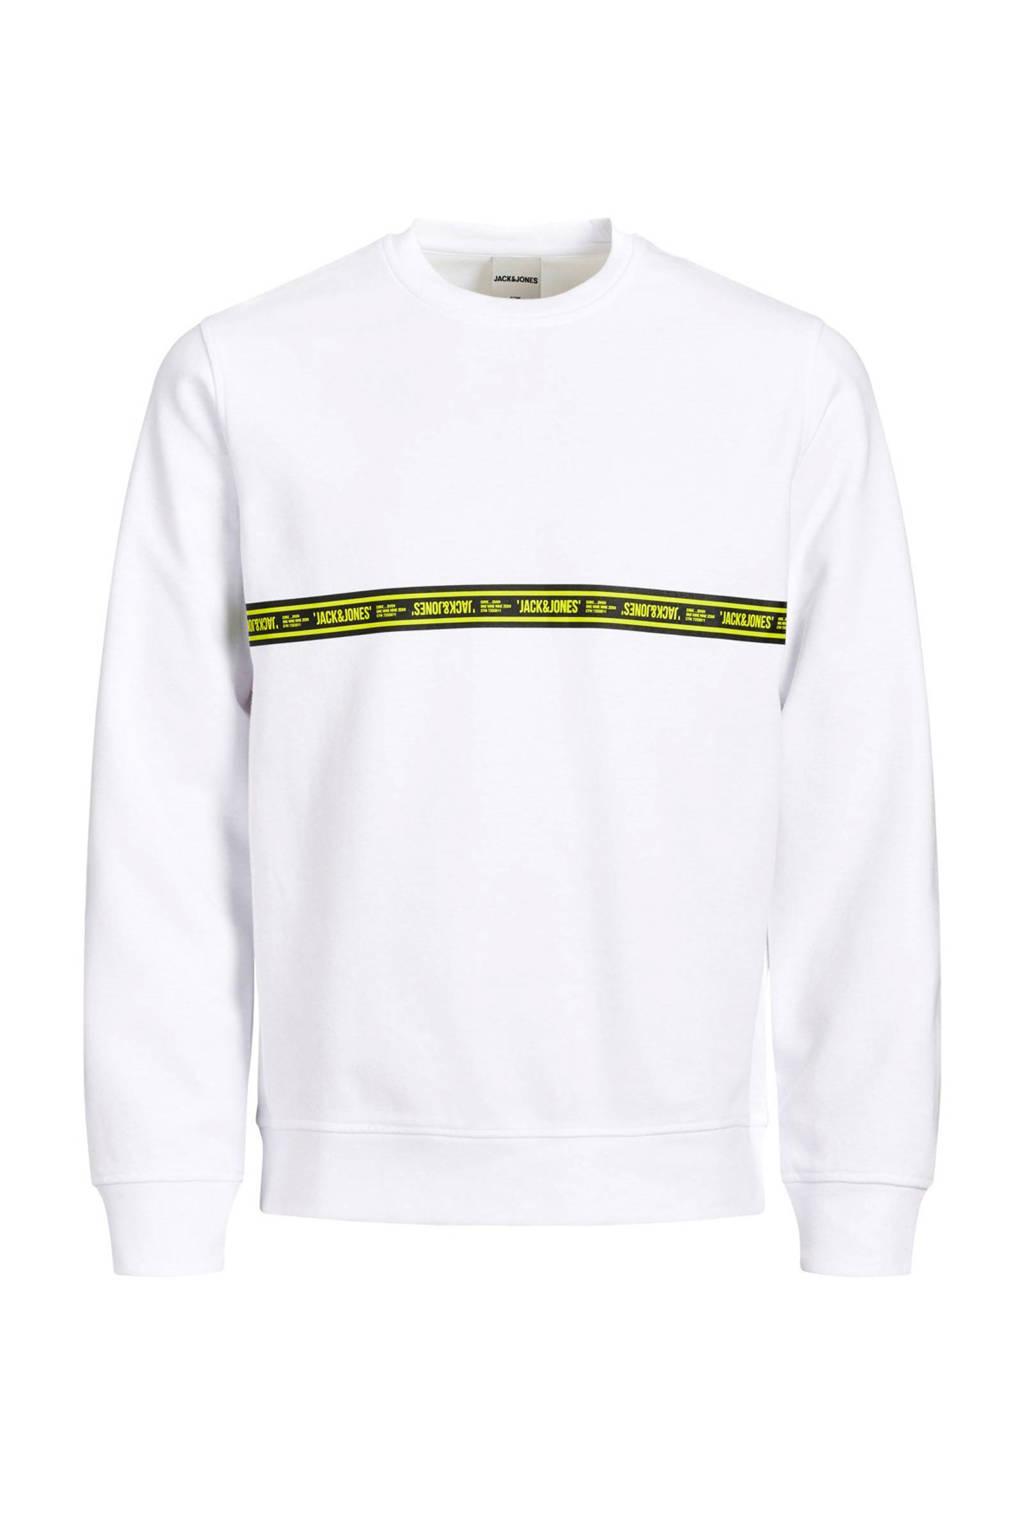 JACK & JONES JUNIOR sweater Toffee met printopdruk wit, Wit